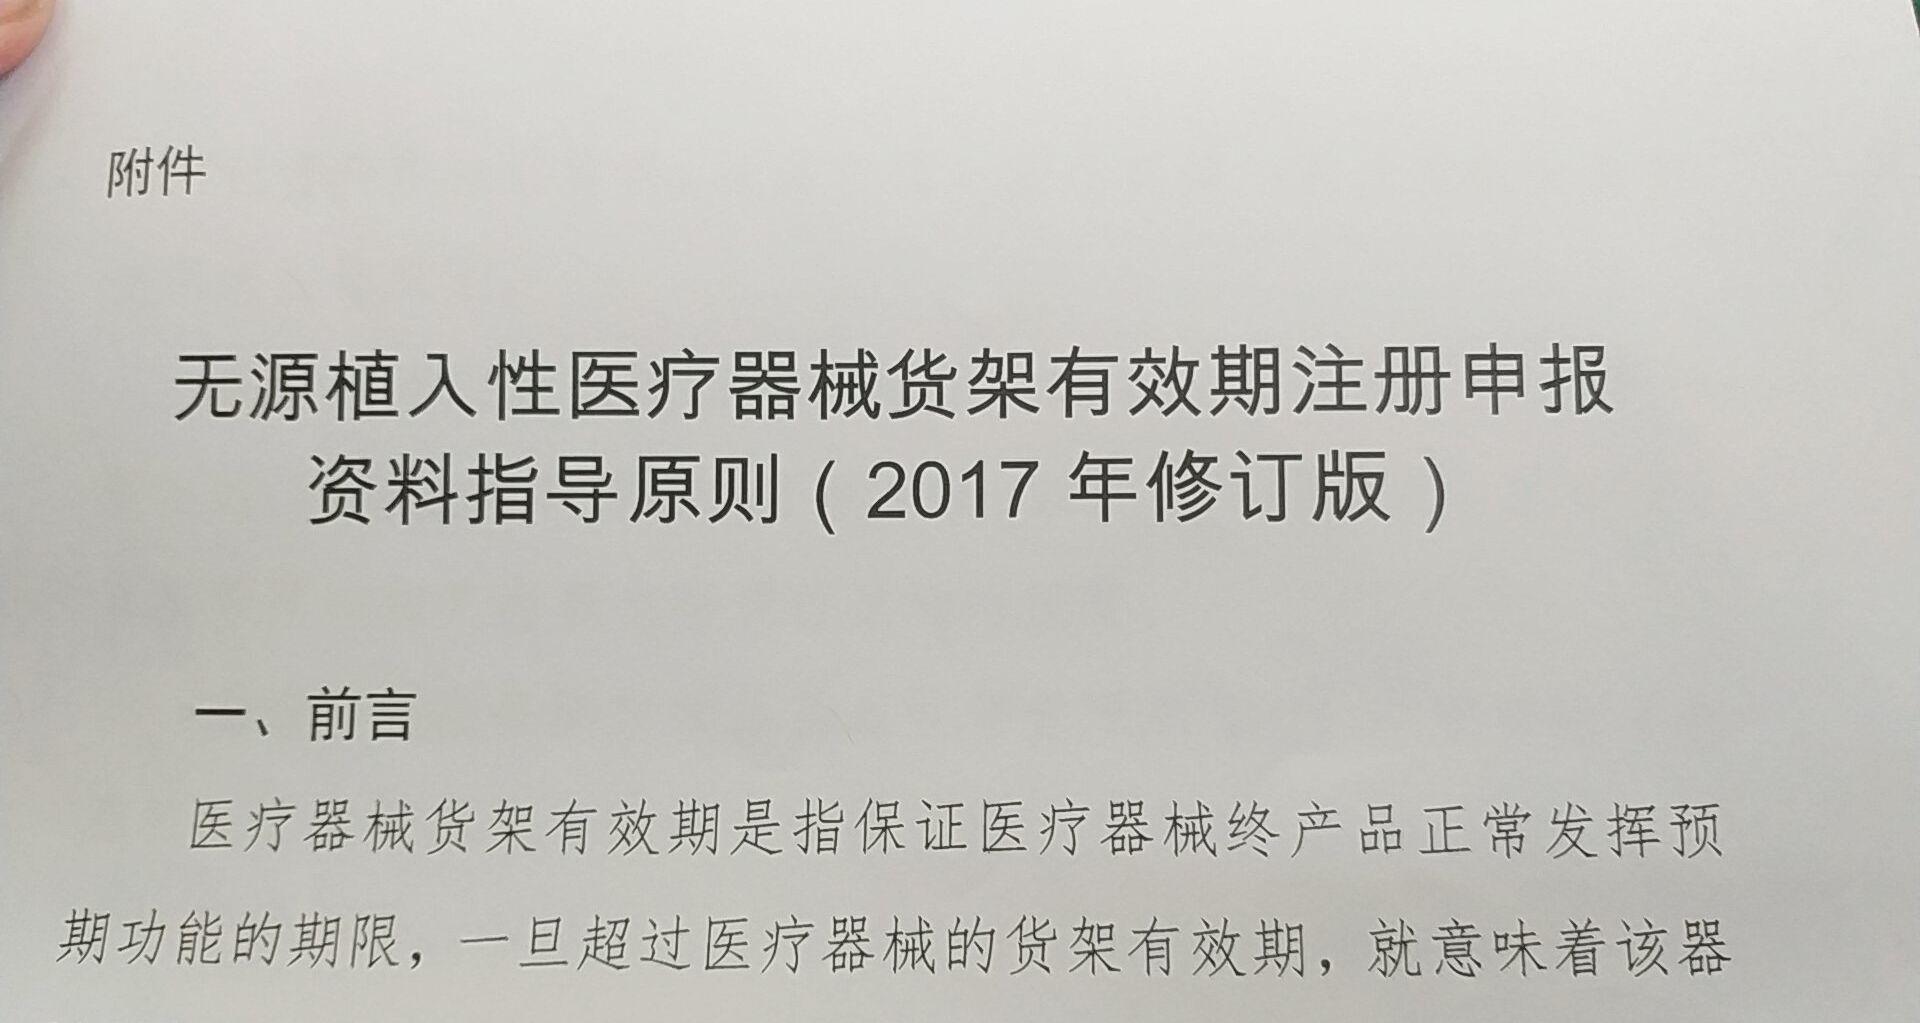 《无源植入性医疗器械货架有效期注册申报资料指导原则》(2017年修订版)